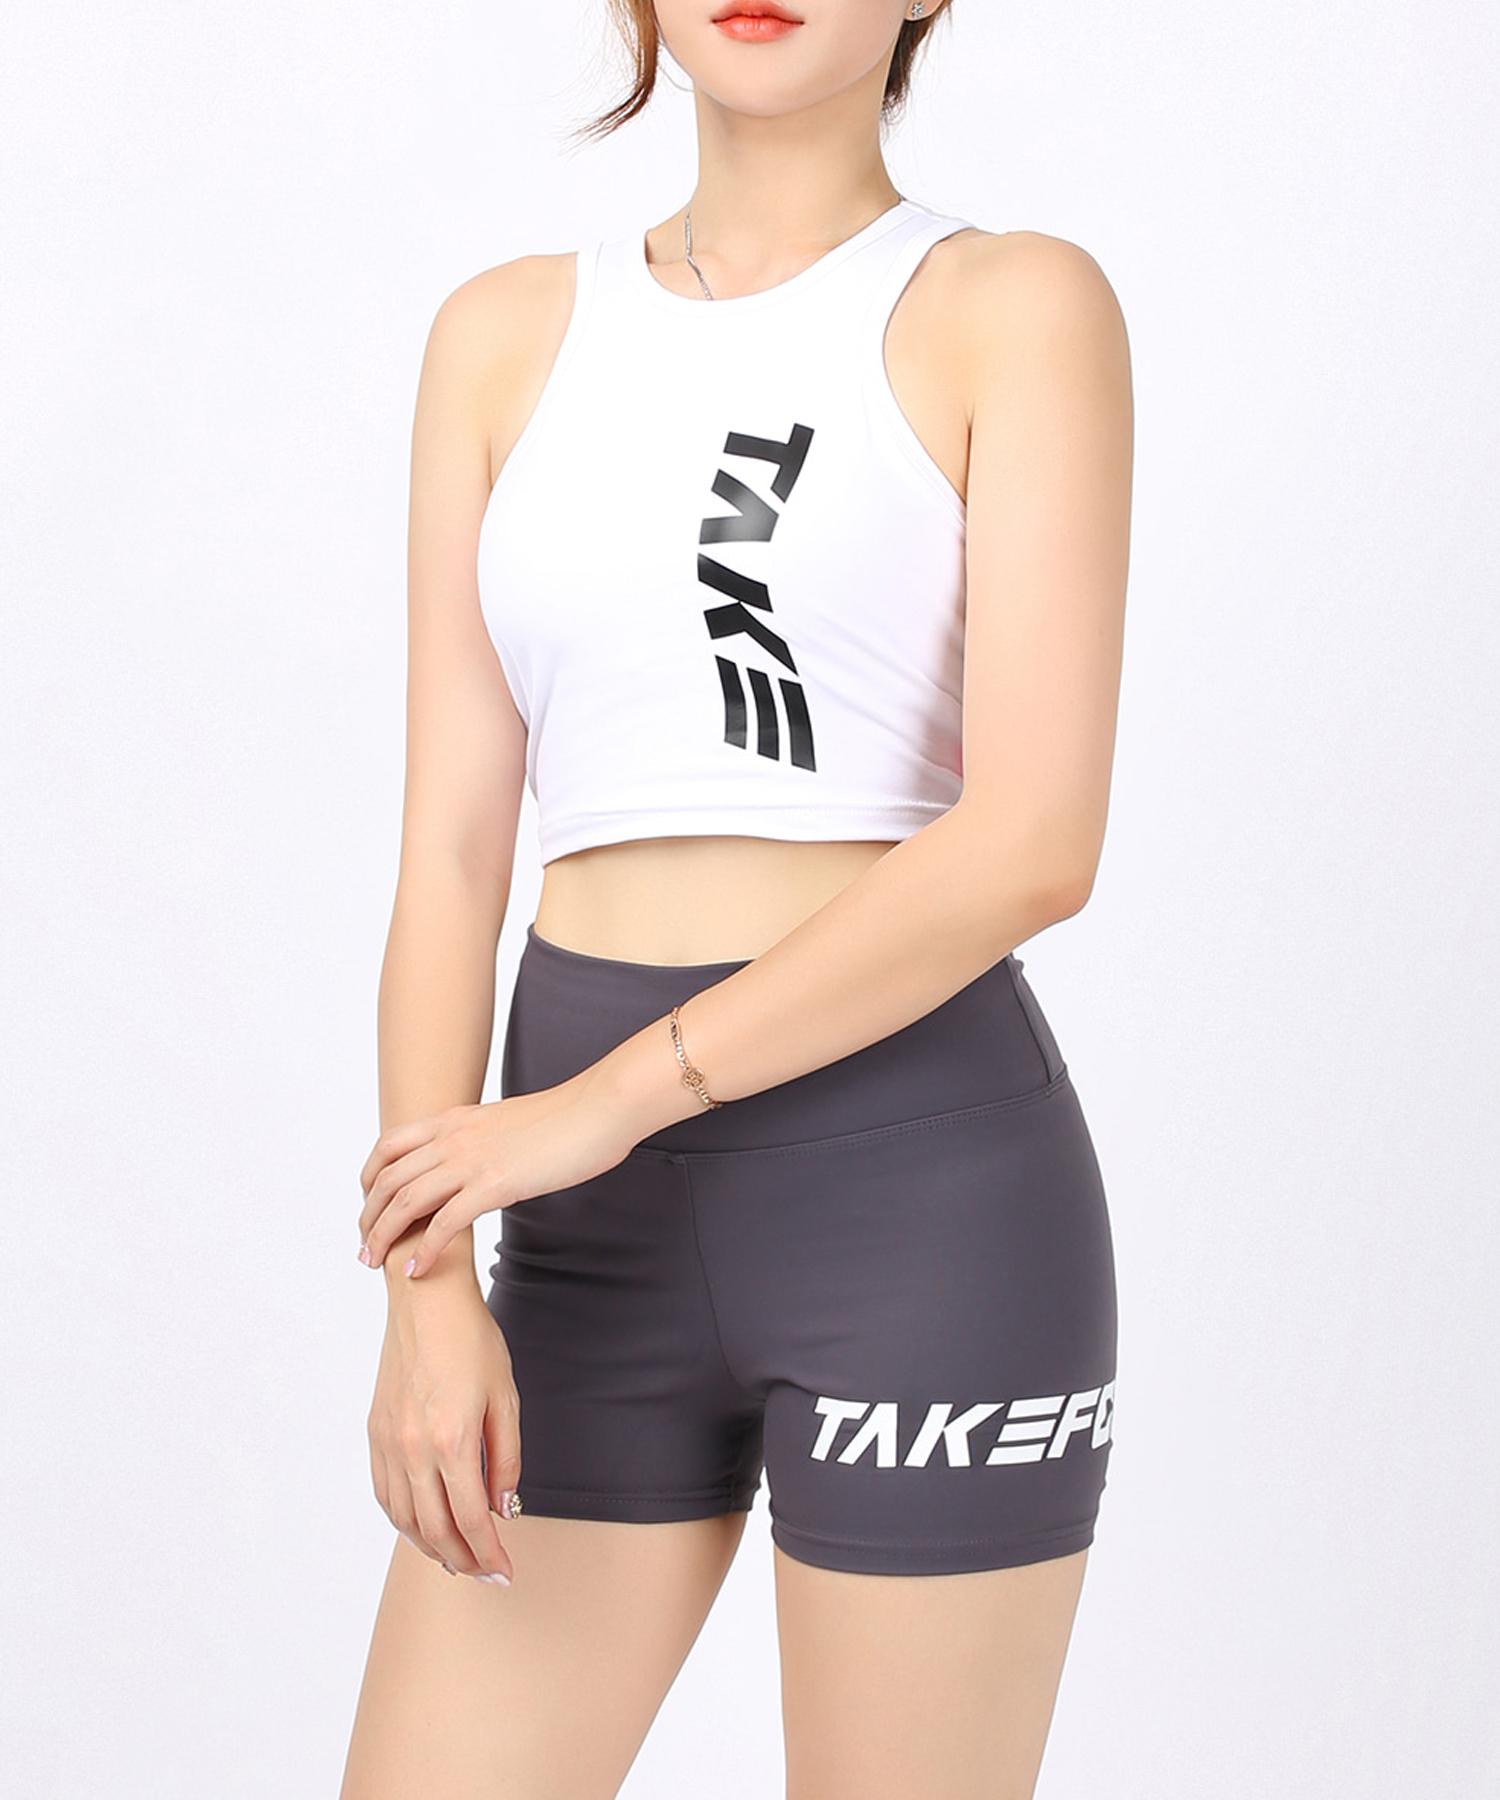 [테이크폼] 스쿼트 팬츠 그레이 (여성용)